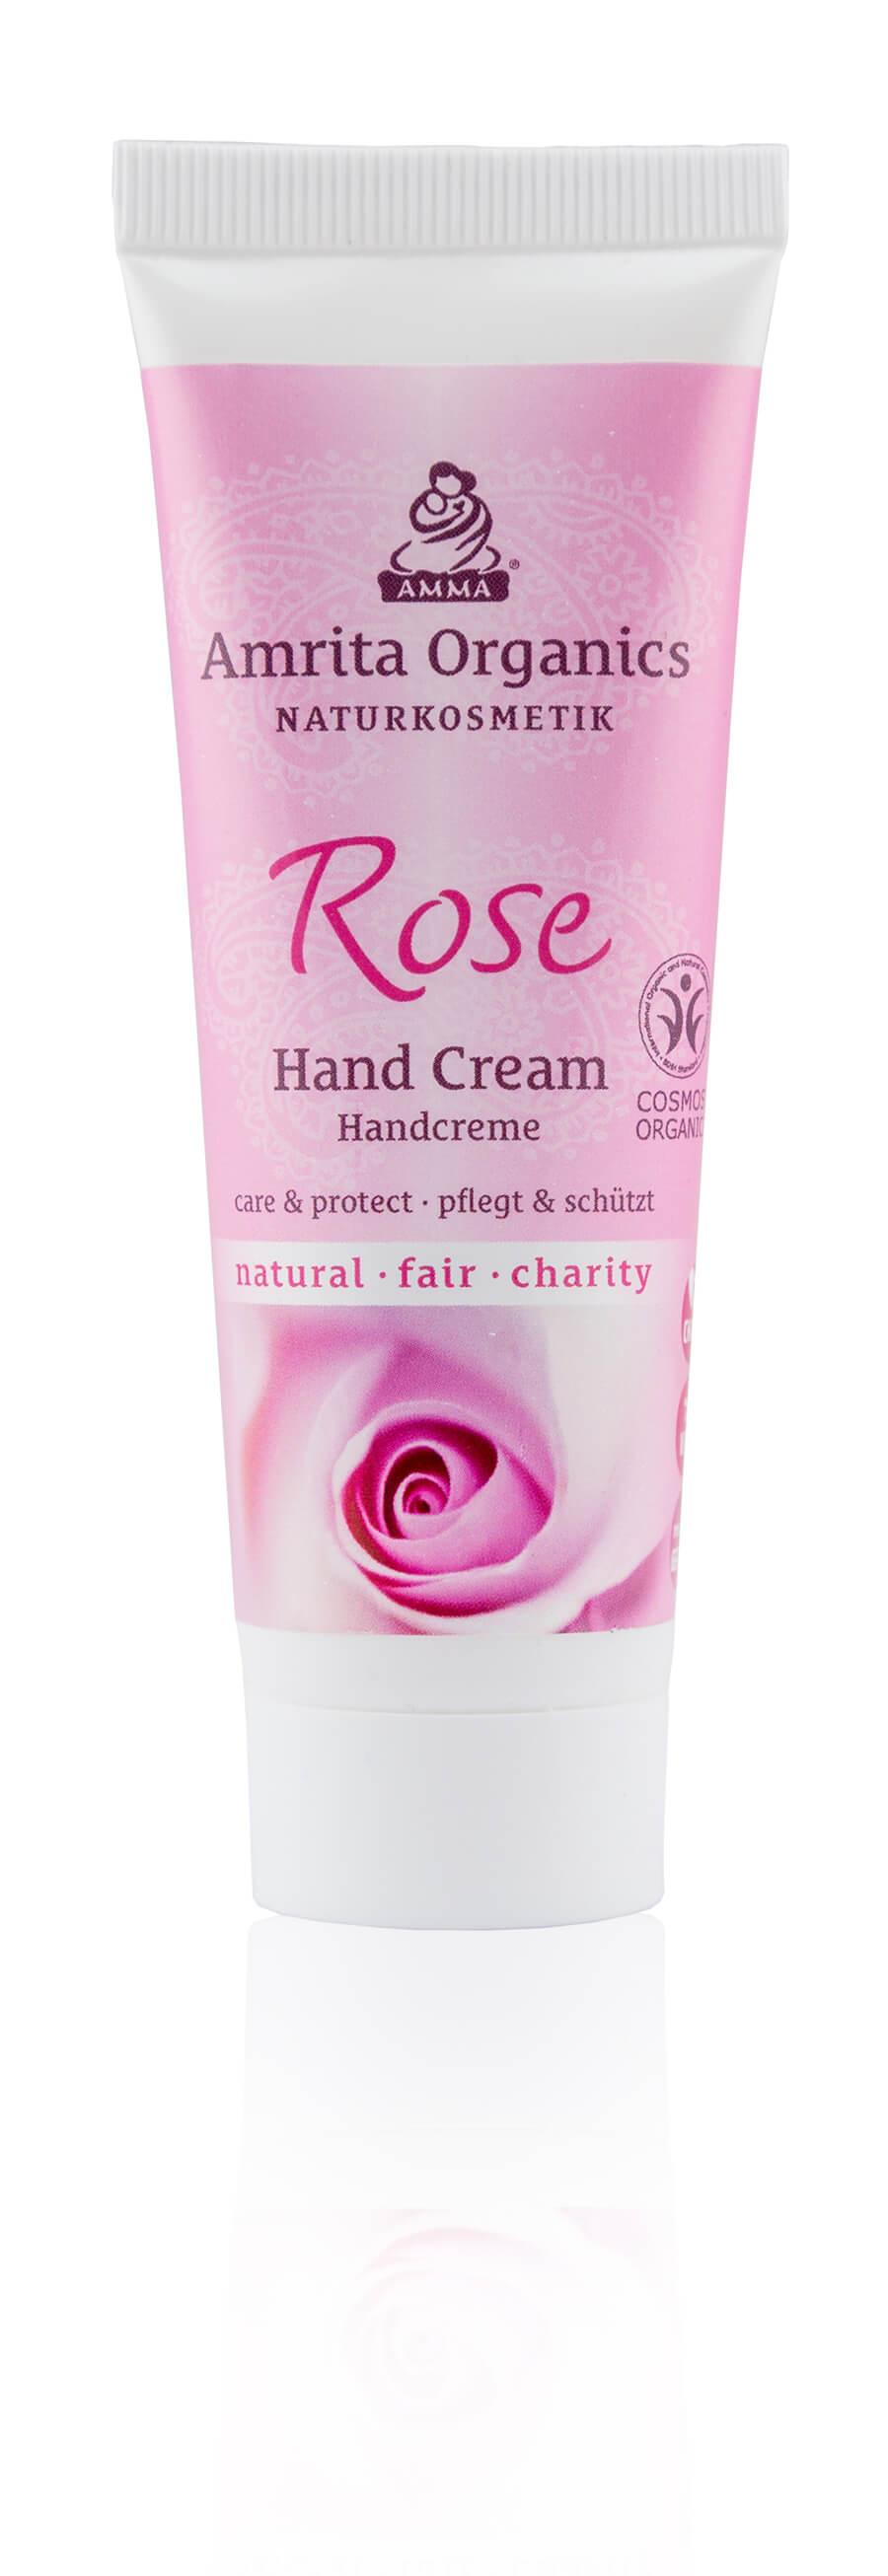 Hand Cream Rose